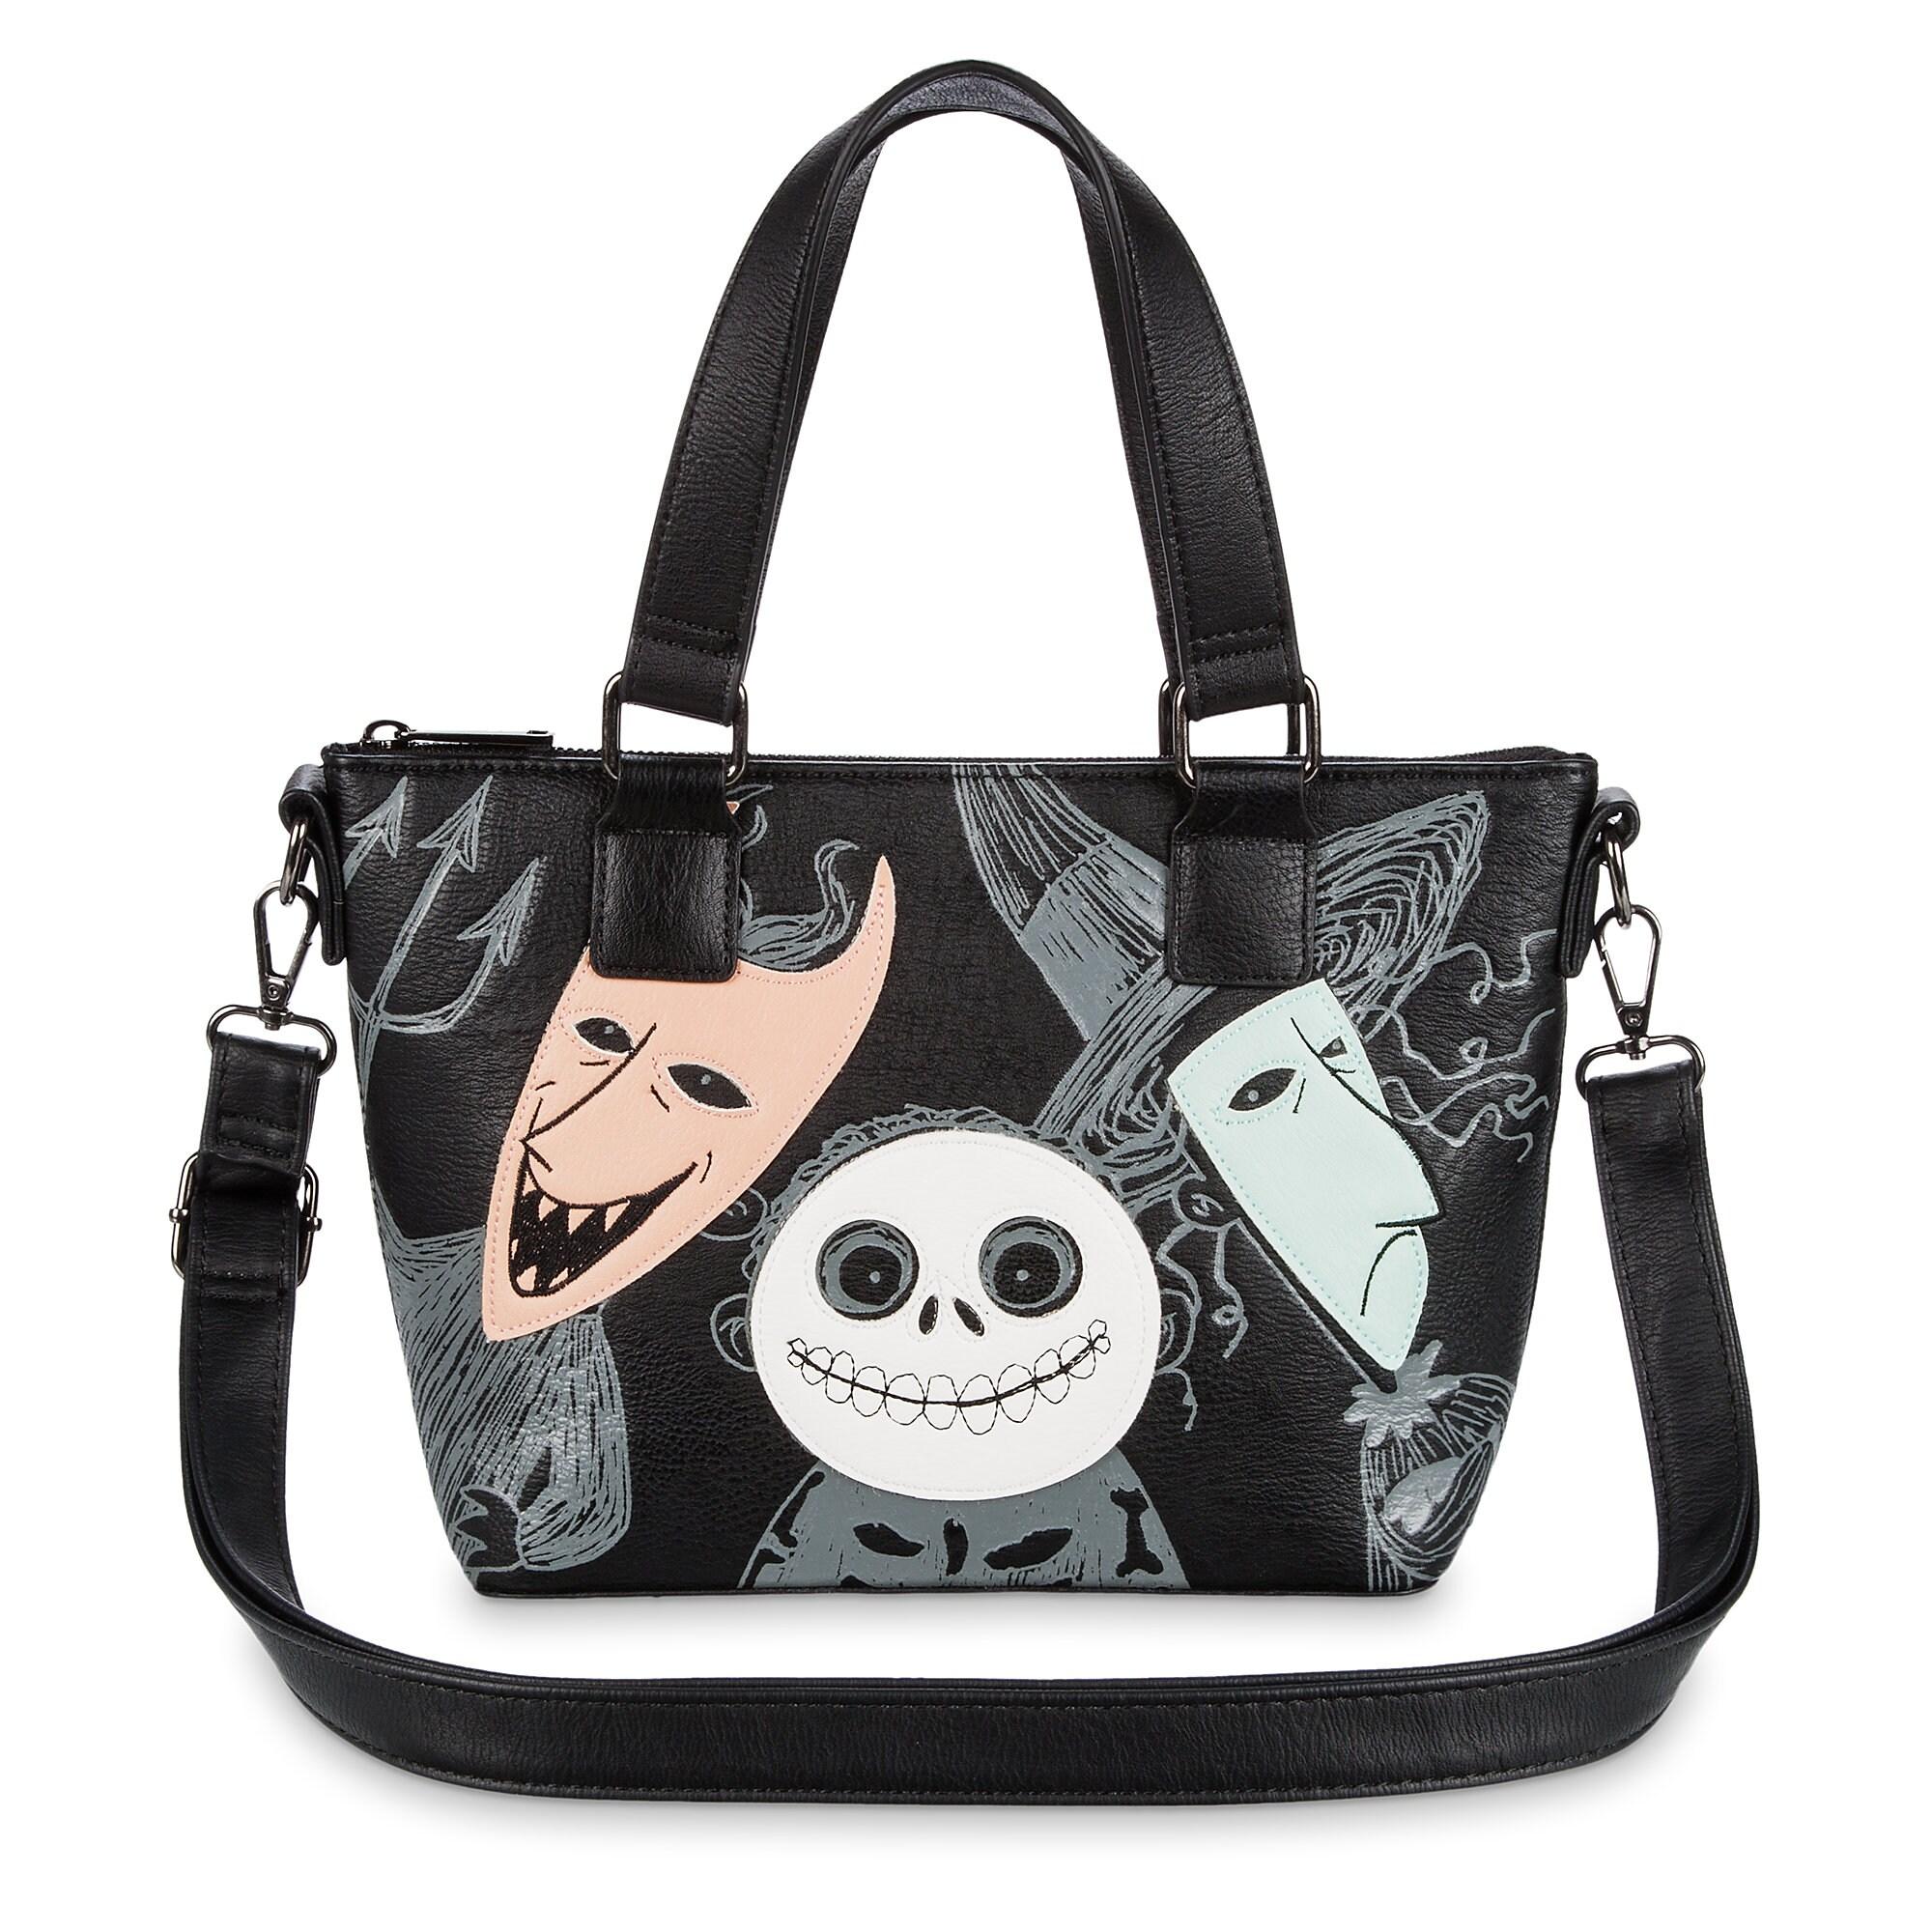 Lock, Shock, and Barrel Fashion Bag | shopDisney